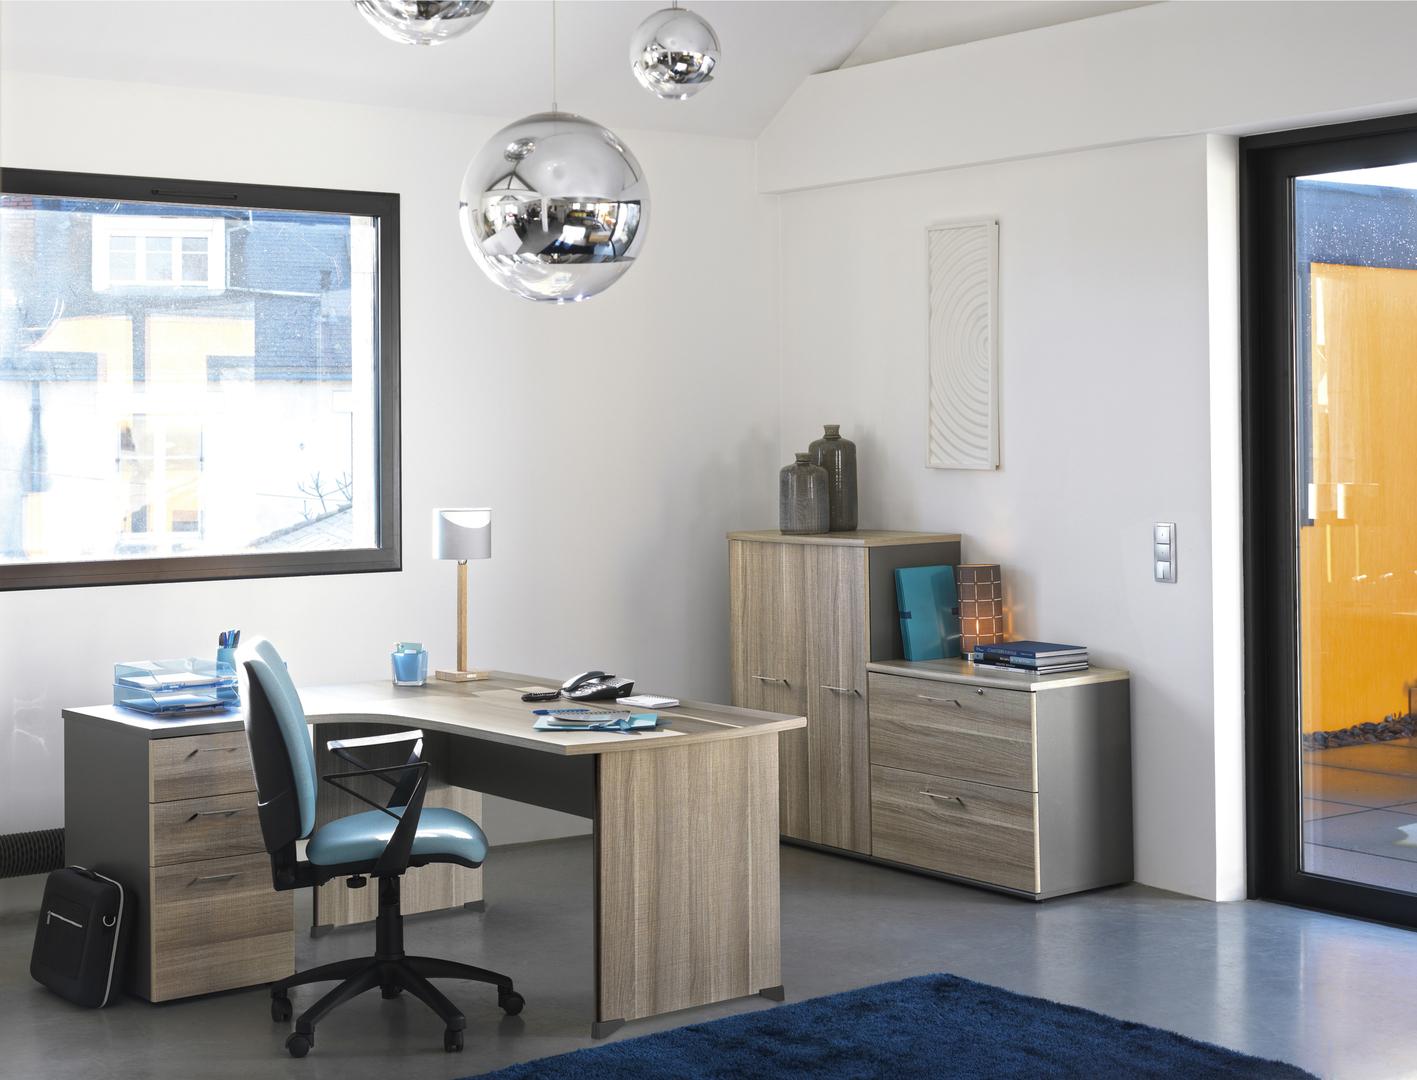 jazz ch ne gris pieds panneaux bureau 180cm mobilier par famille jazz ch ne gris. Black Bedroom Furniture Sets. Home Design Ideas